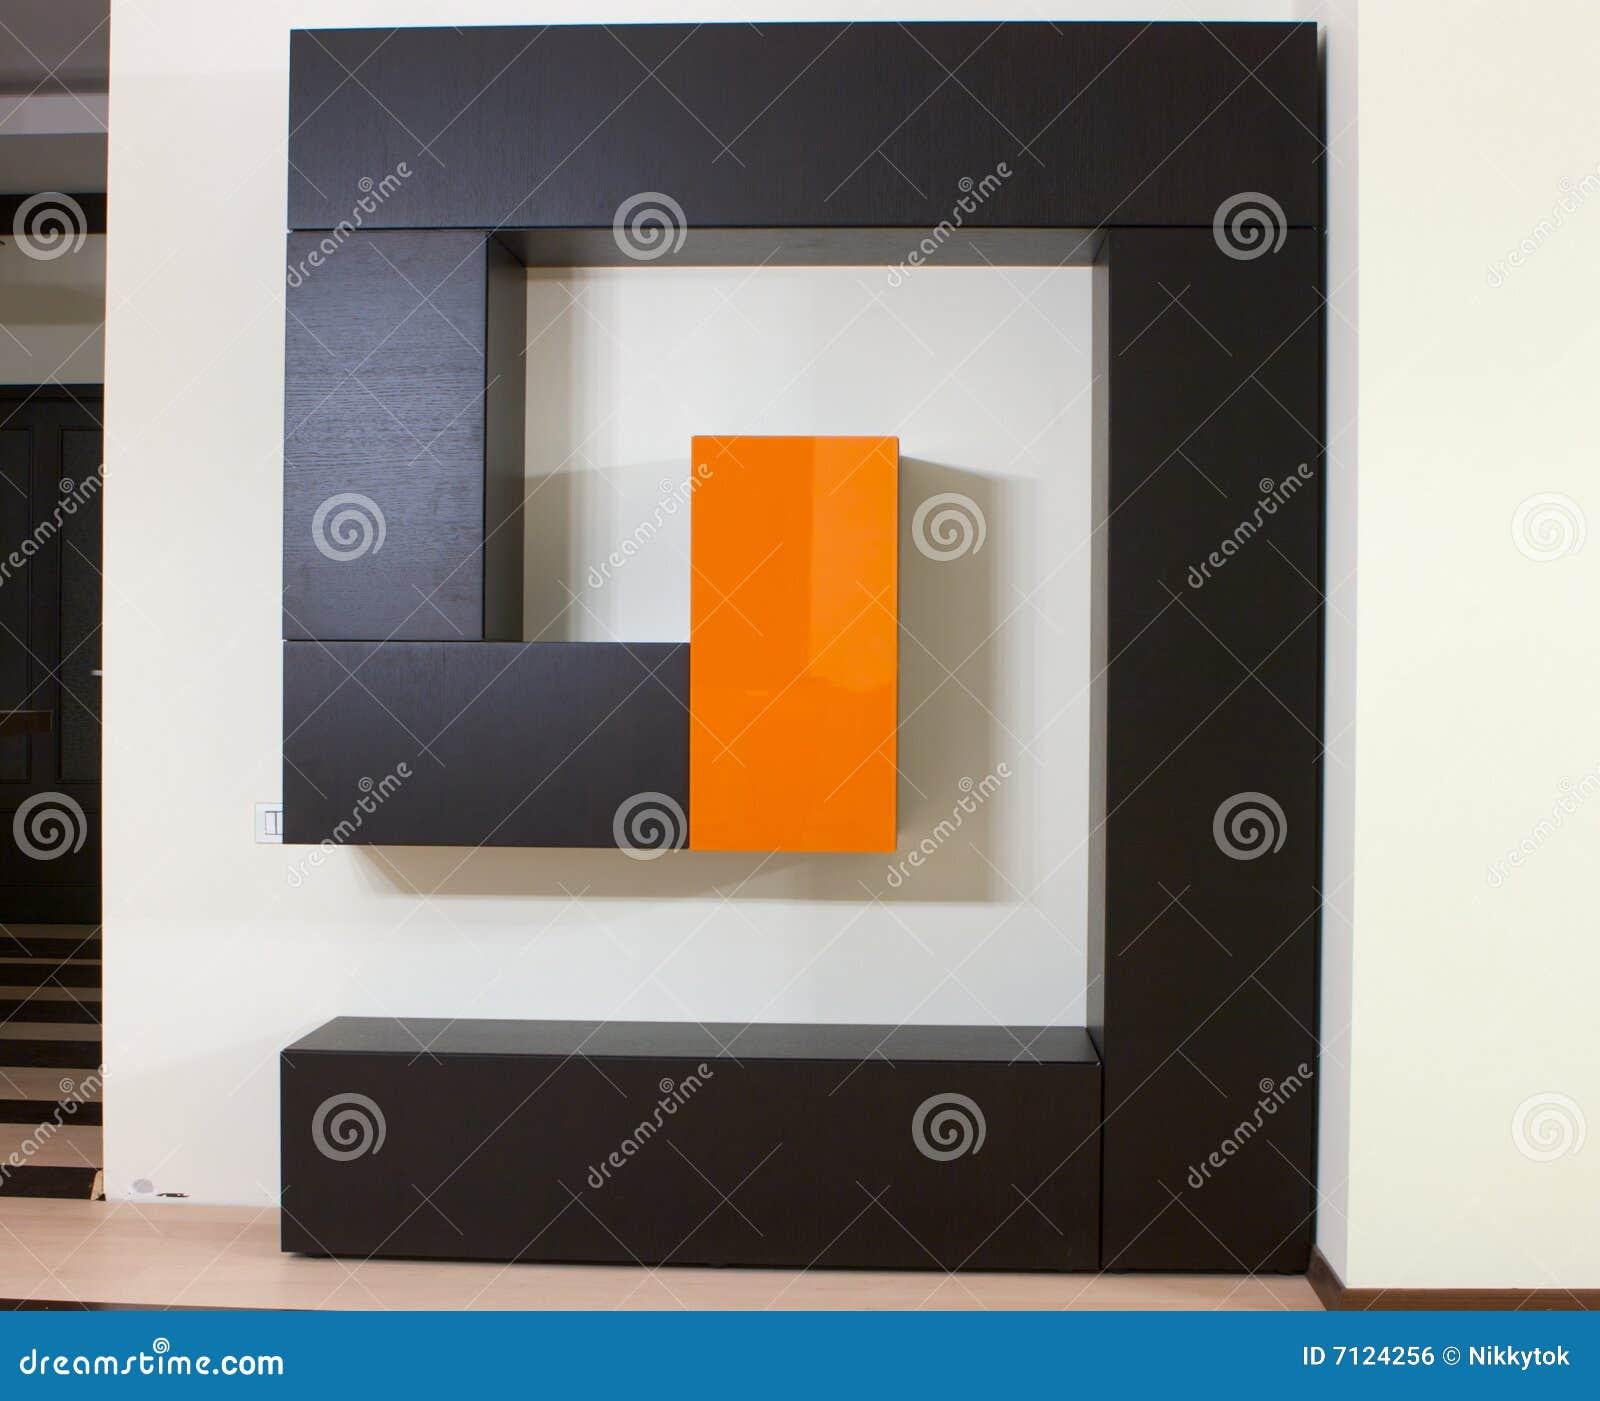 Moderner Wandschrank Stockfoto Bild Von Weit Mobel Fashion 7124256